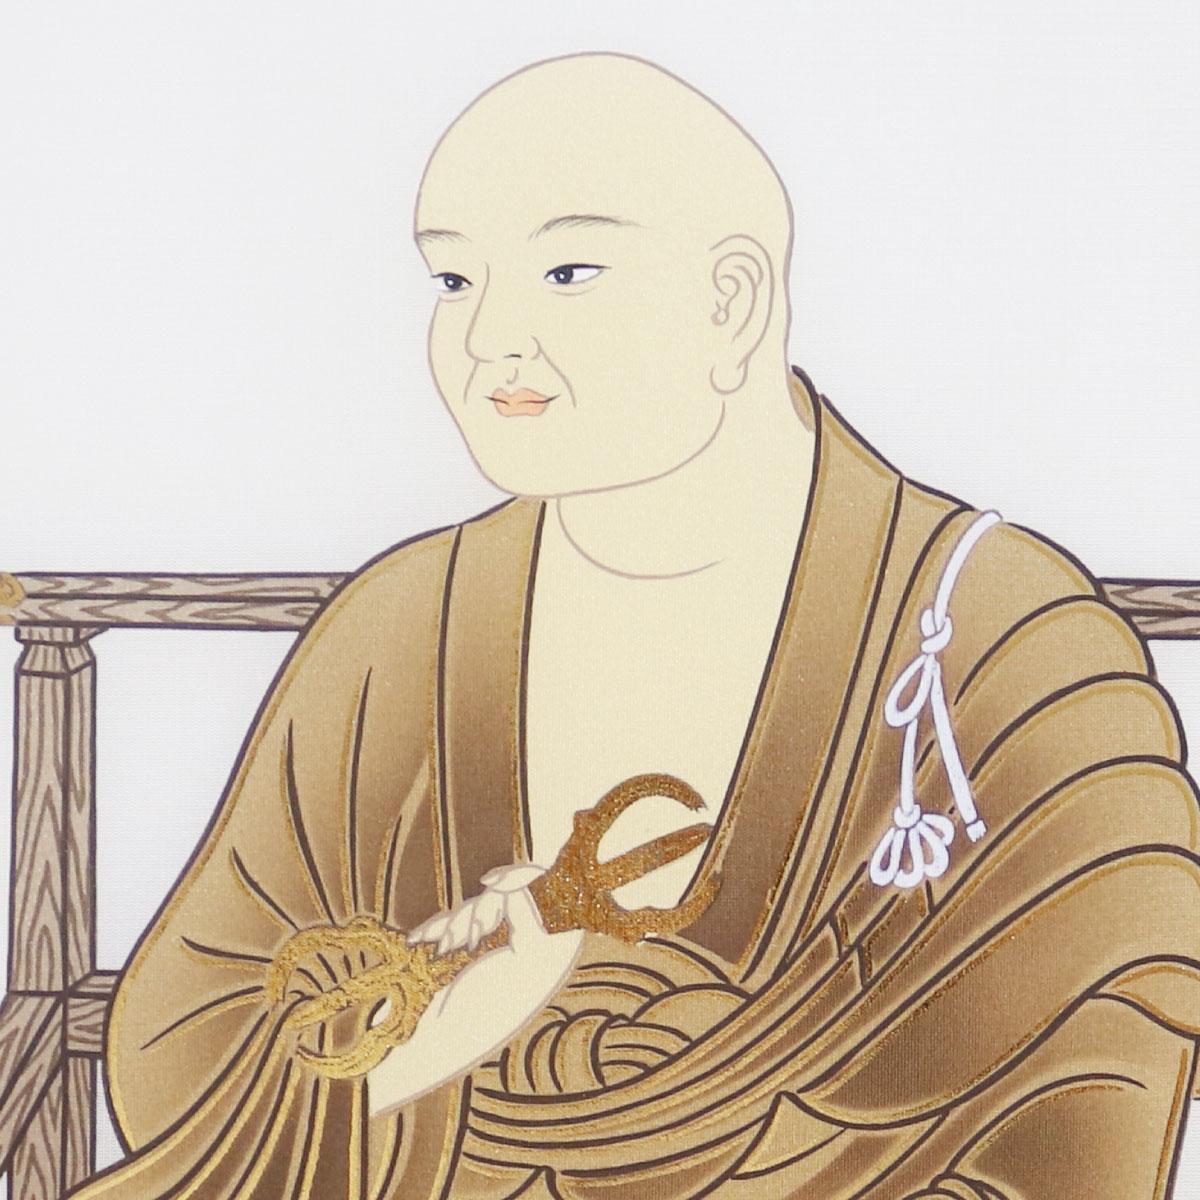 【逆打 四国八十八ヶ所霊場用】 龍鳳大師(欄間額用)